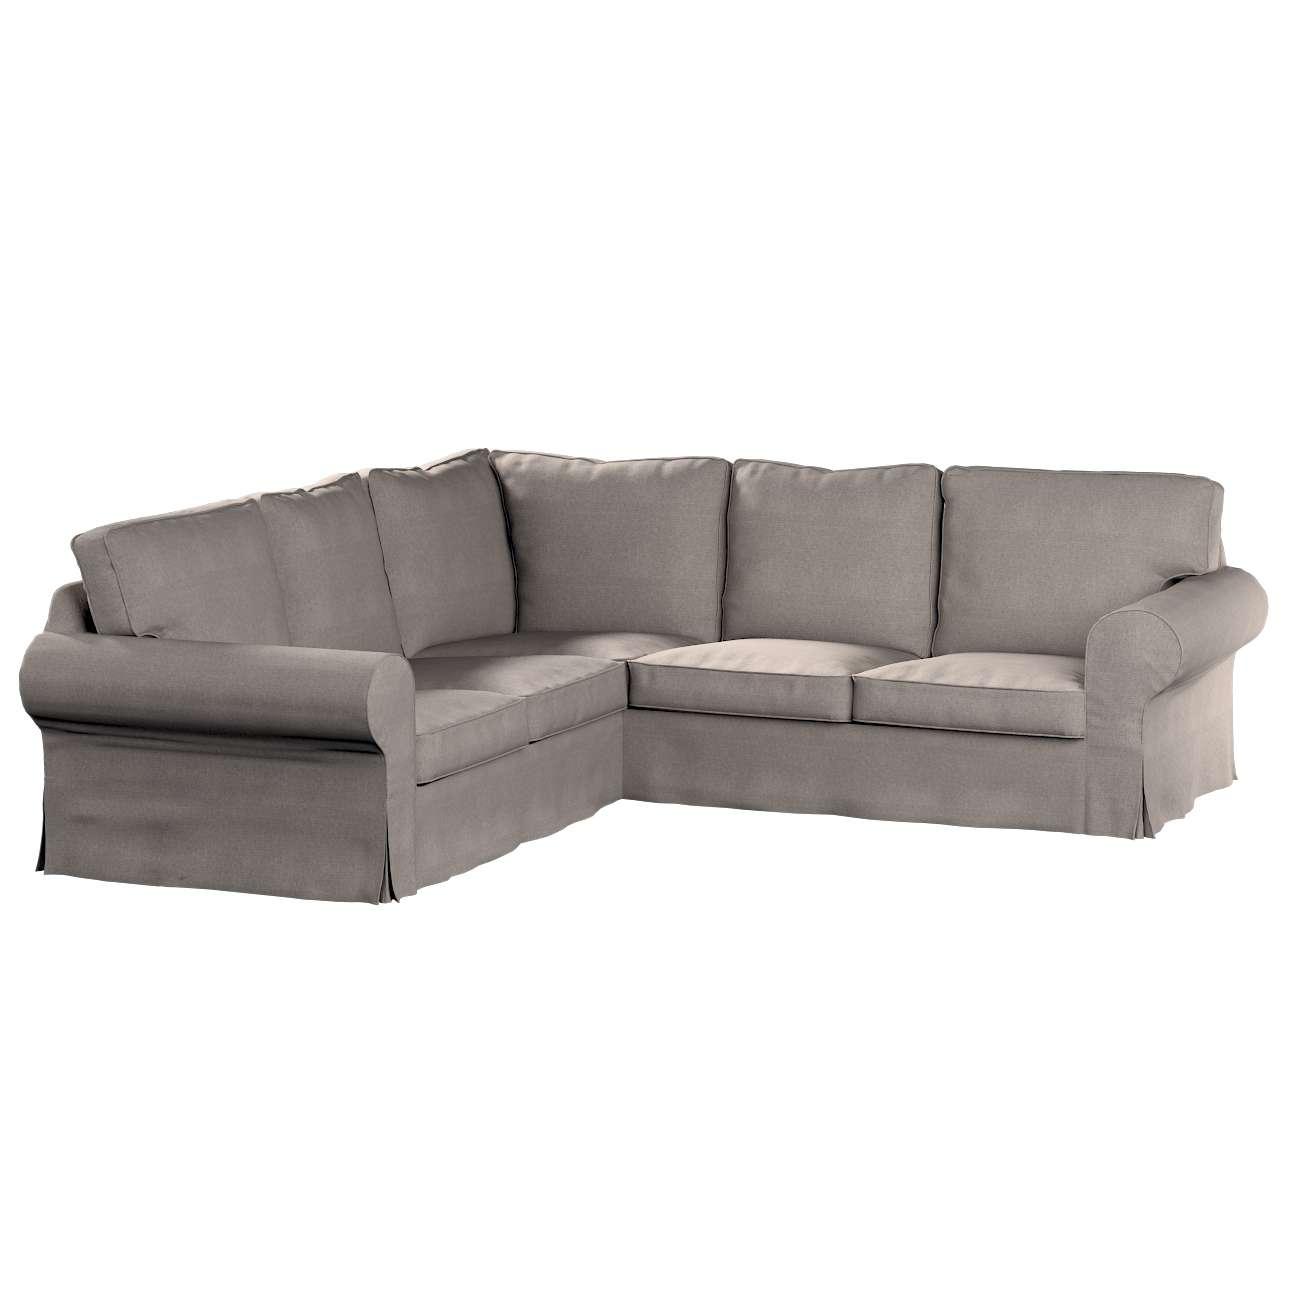 Ektorp kampinė sofa Ektorp kampinė sofa kolekcijoje Etna , audinys: 705-09